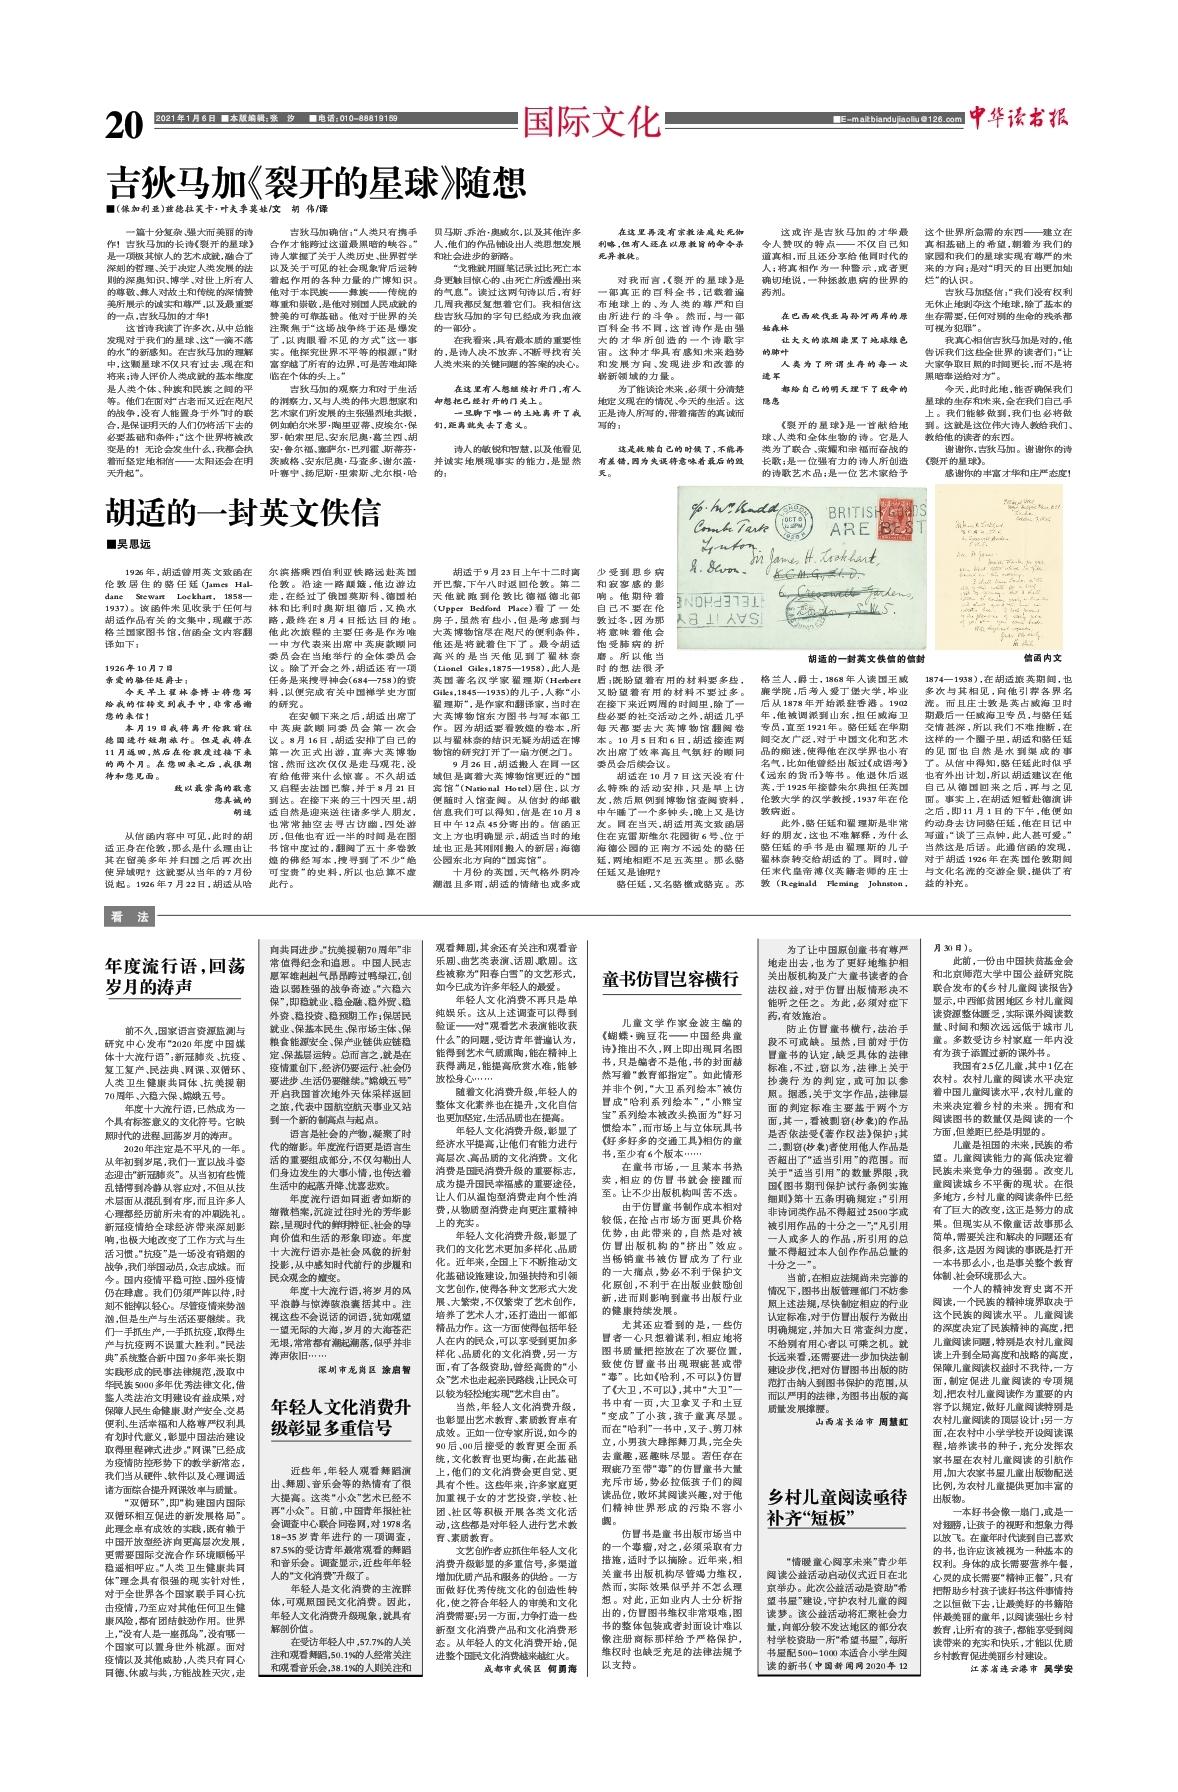 感谢您的来信 英文_胡适的一封英文佚信-中华读书报-光明网